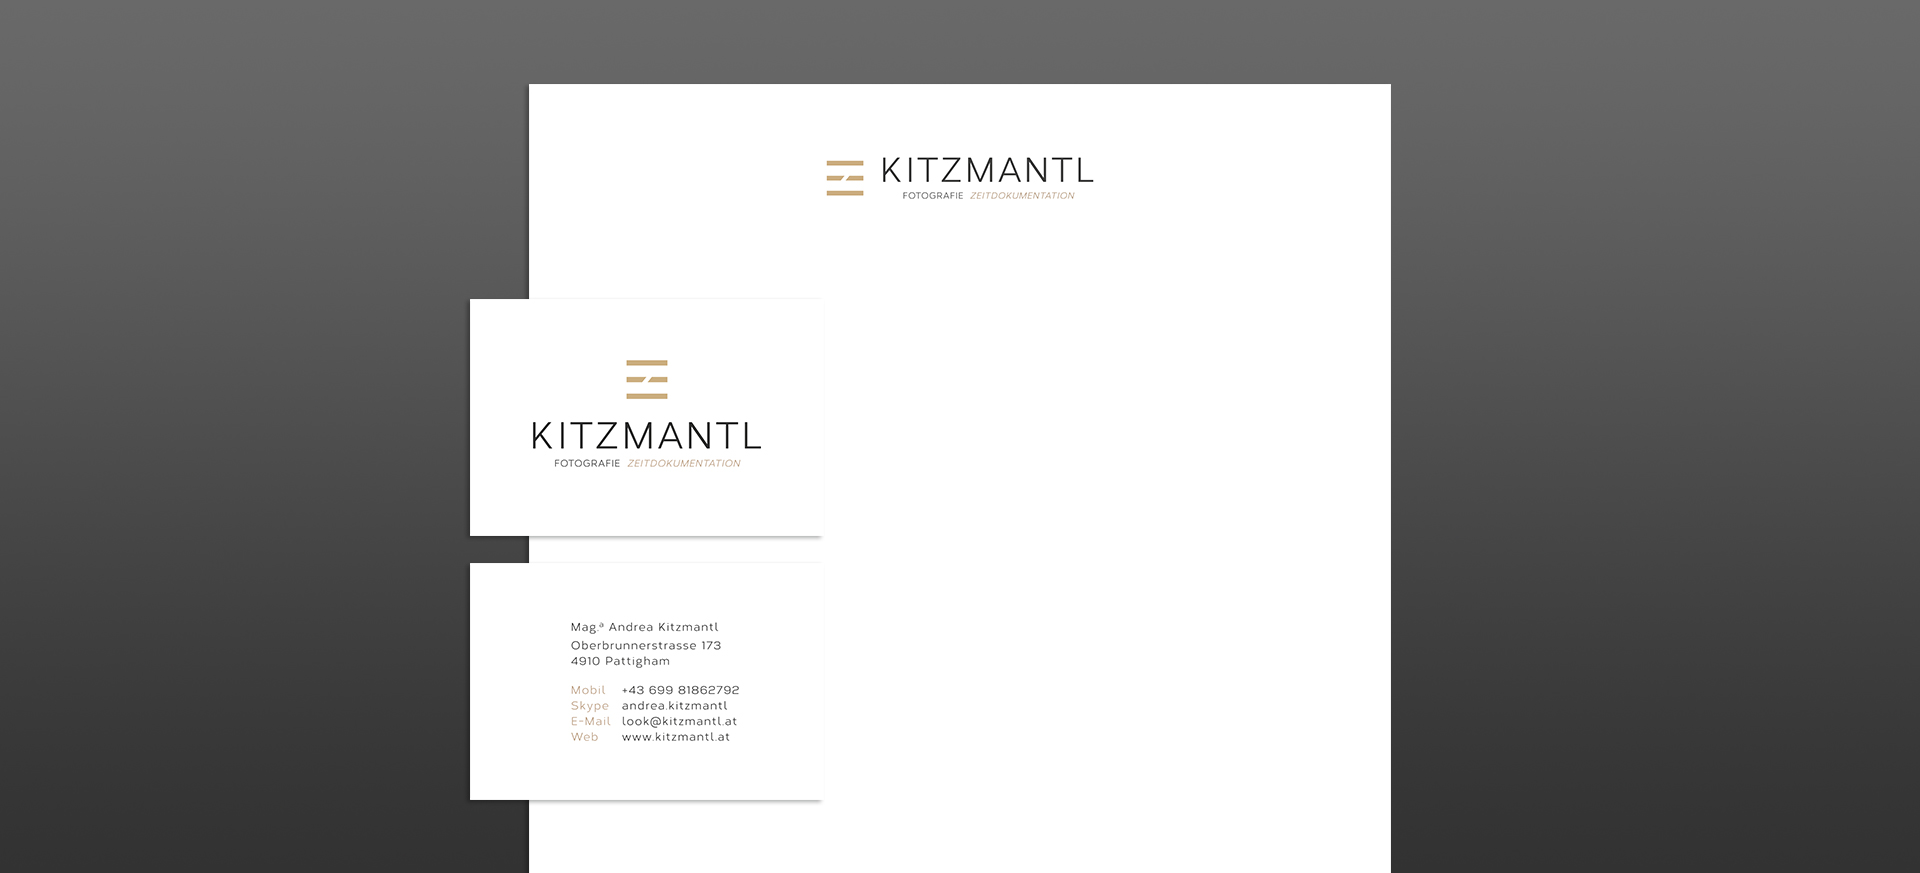 Kitzmantl2